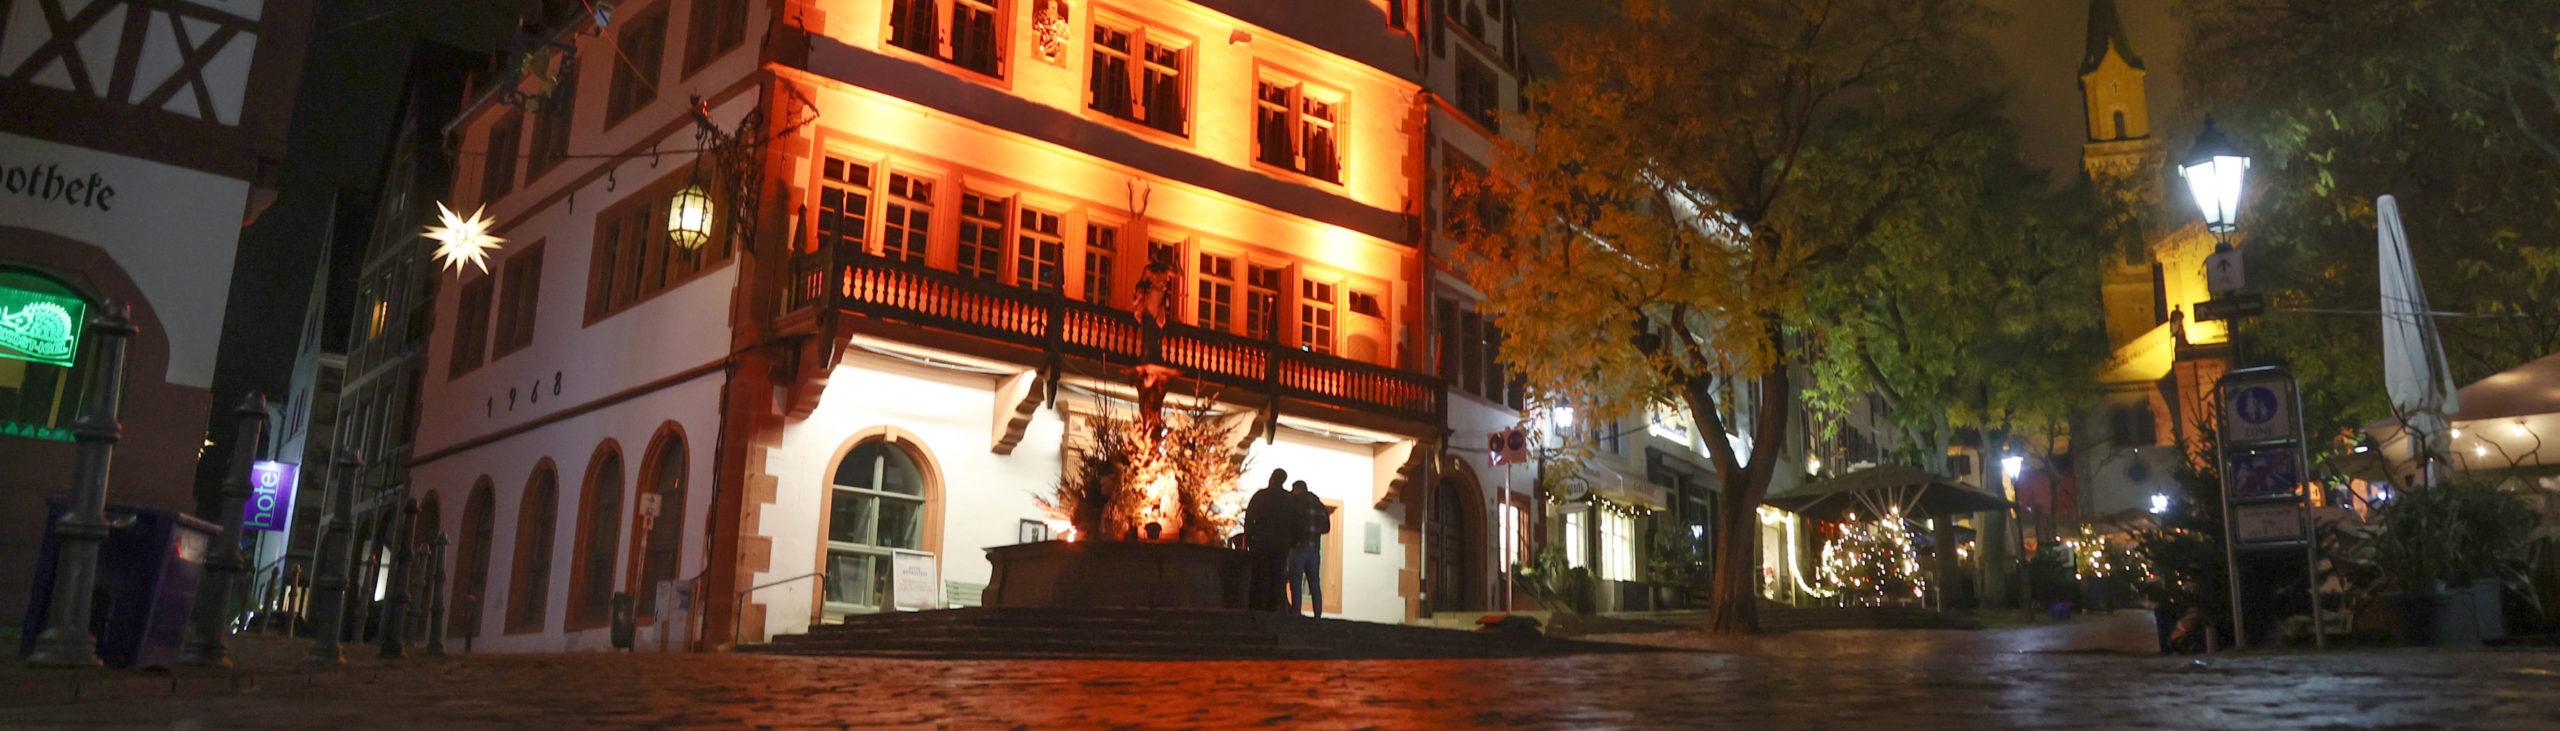 © Fritz Kopetzky, Altes Rathaus und Brunnen - ZONTA Weinheim e.V., 25.11.2020